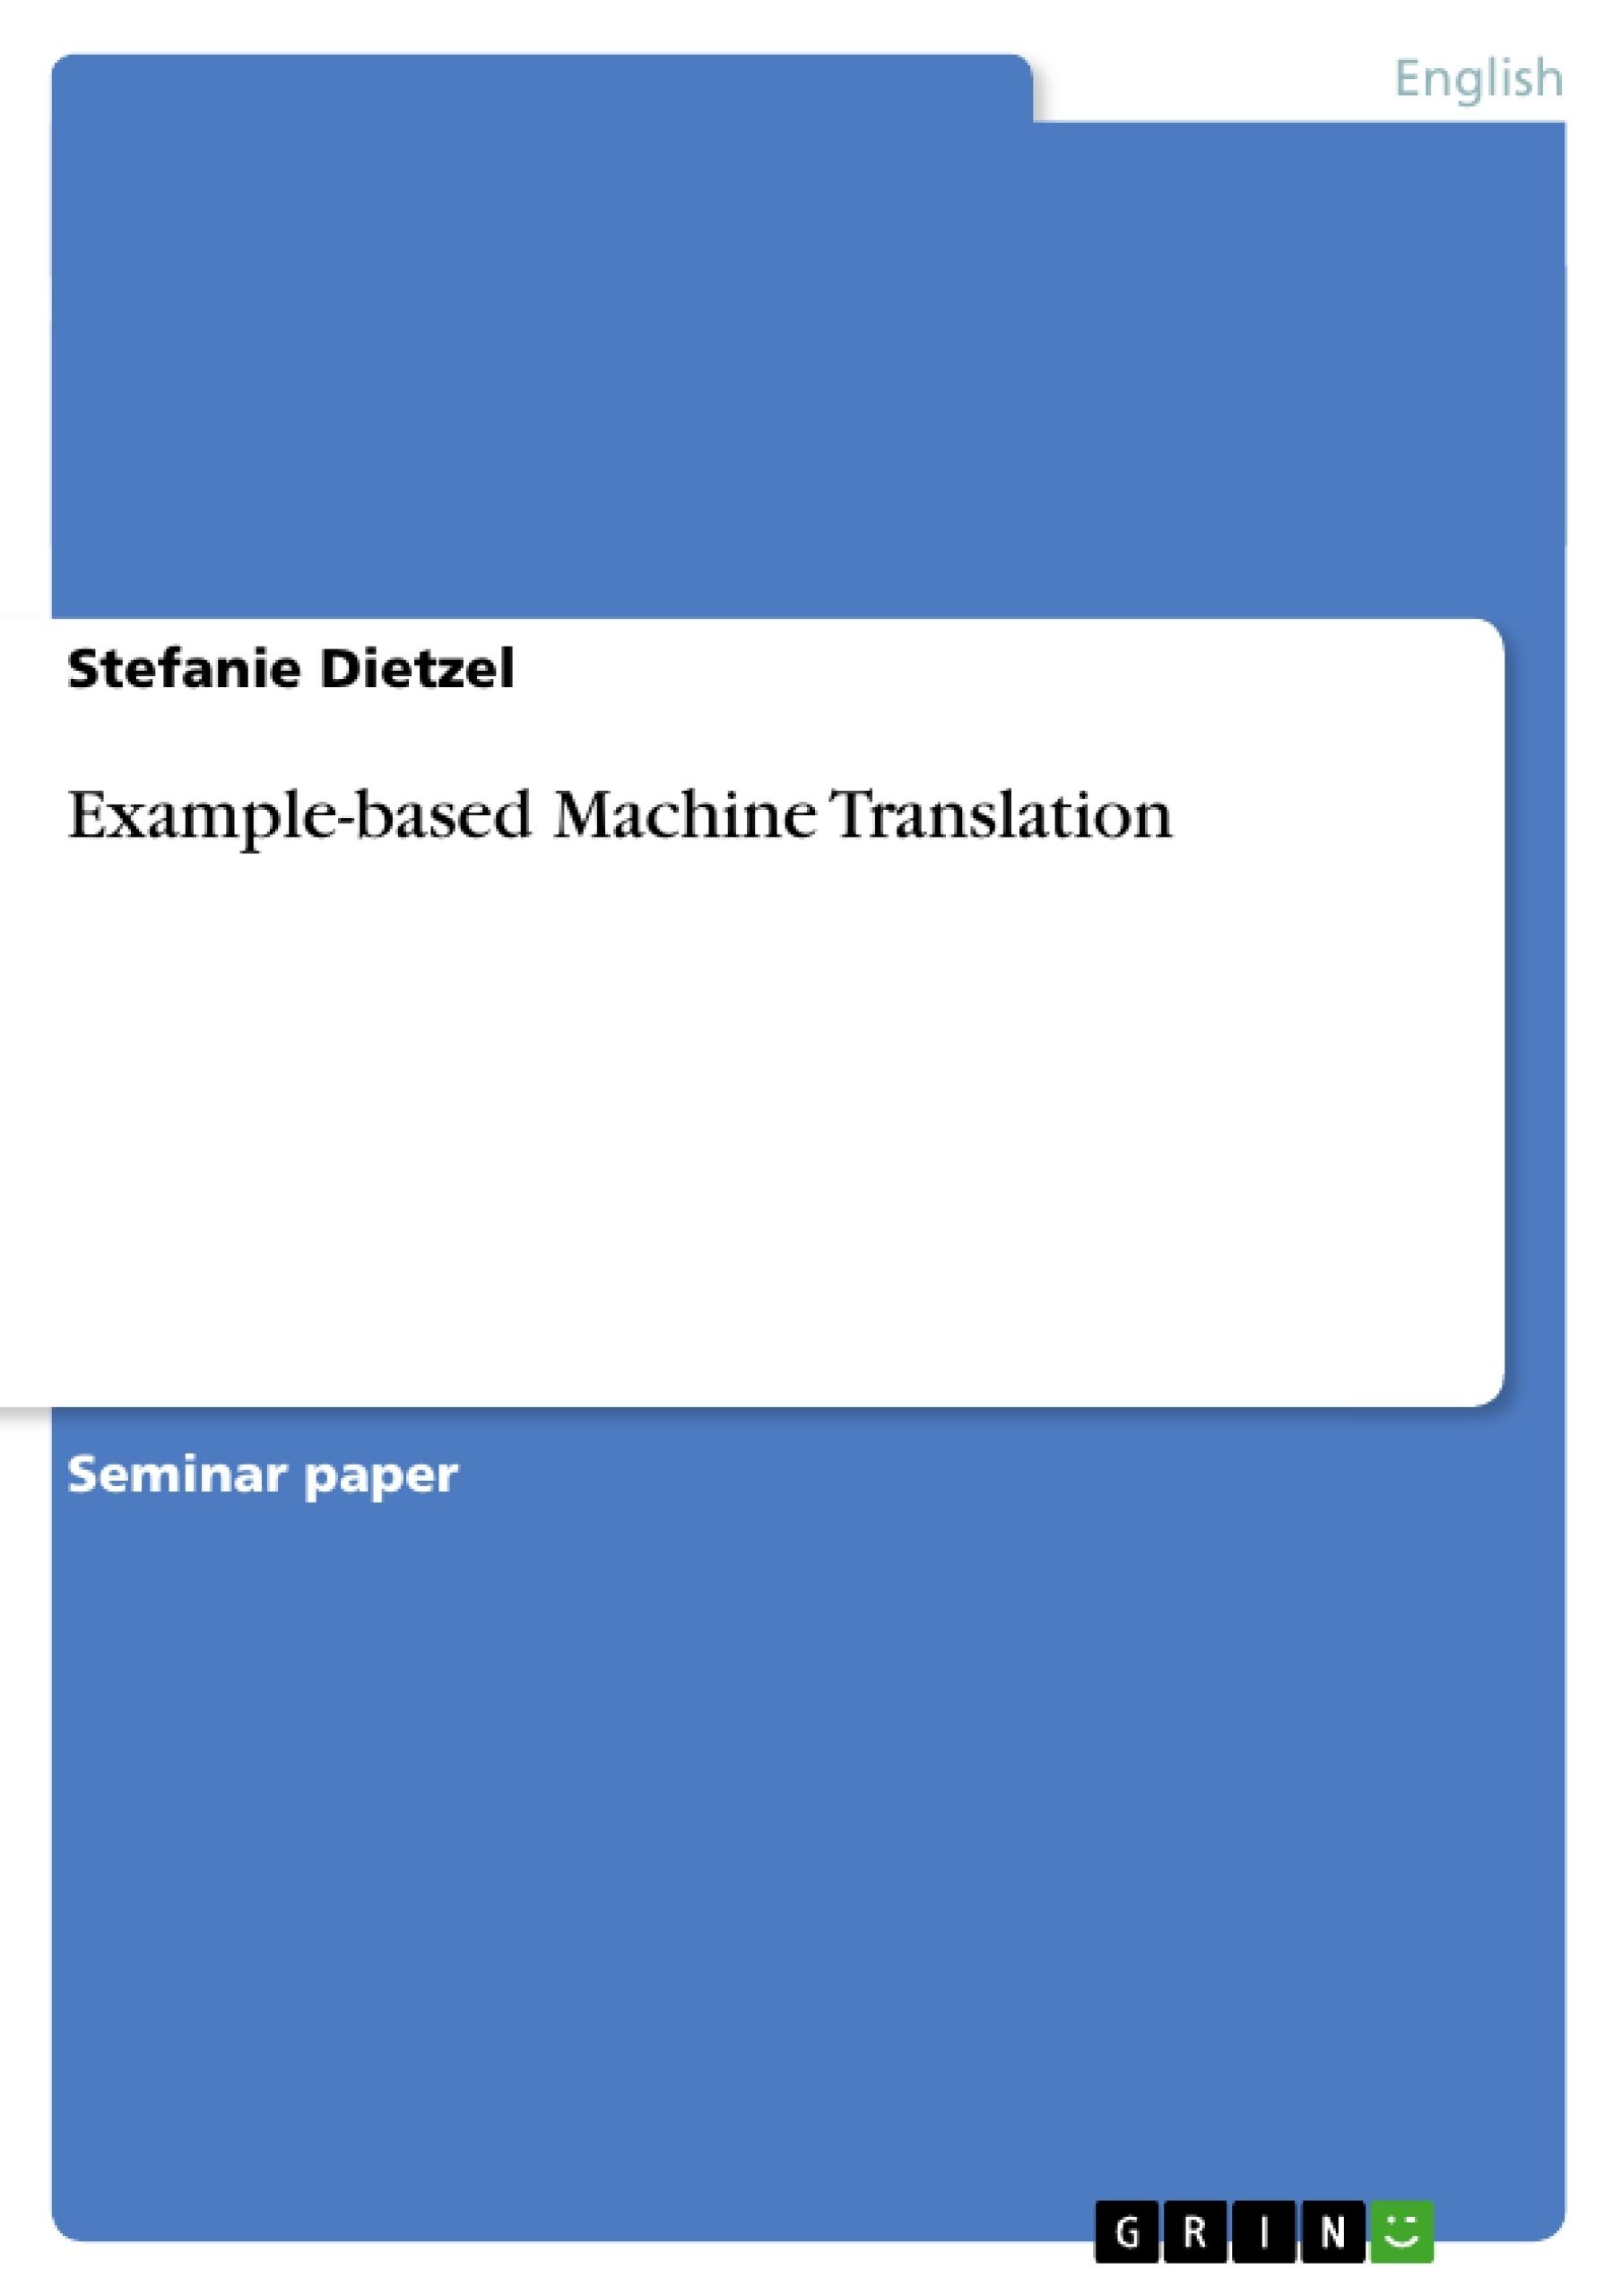 Title: Example-based Machine Translation